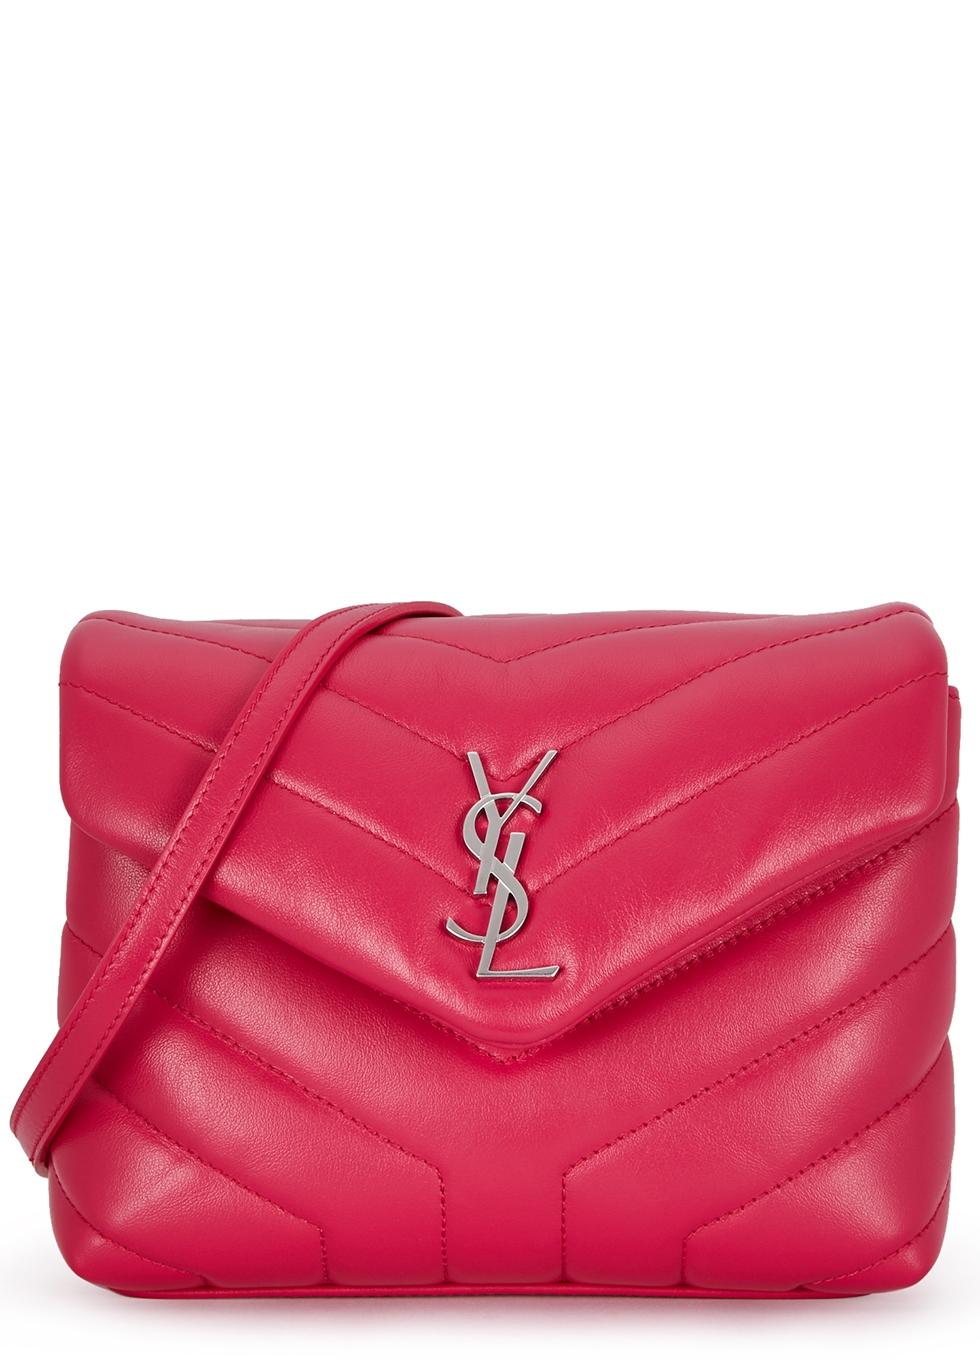 59b8e35384 Women s Designer Bags